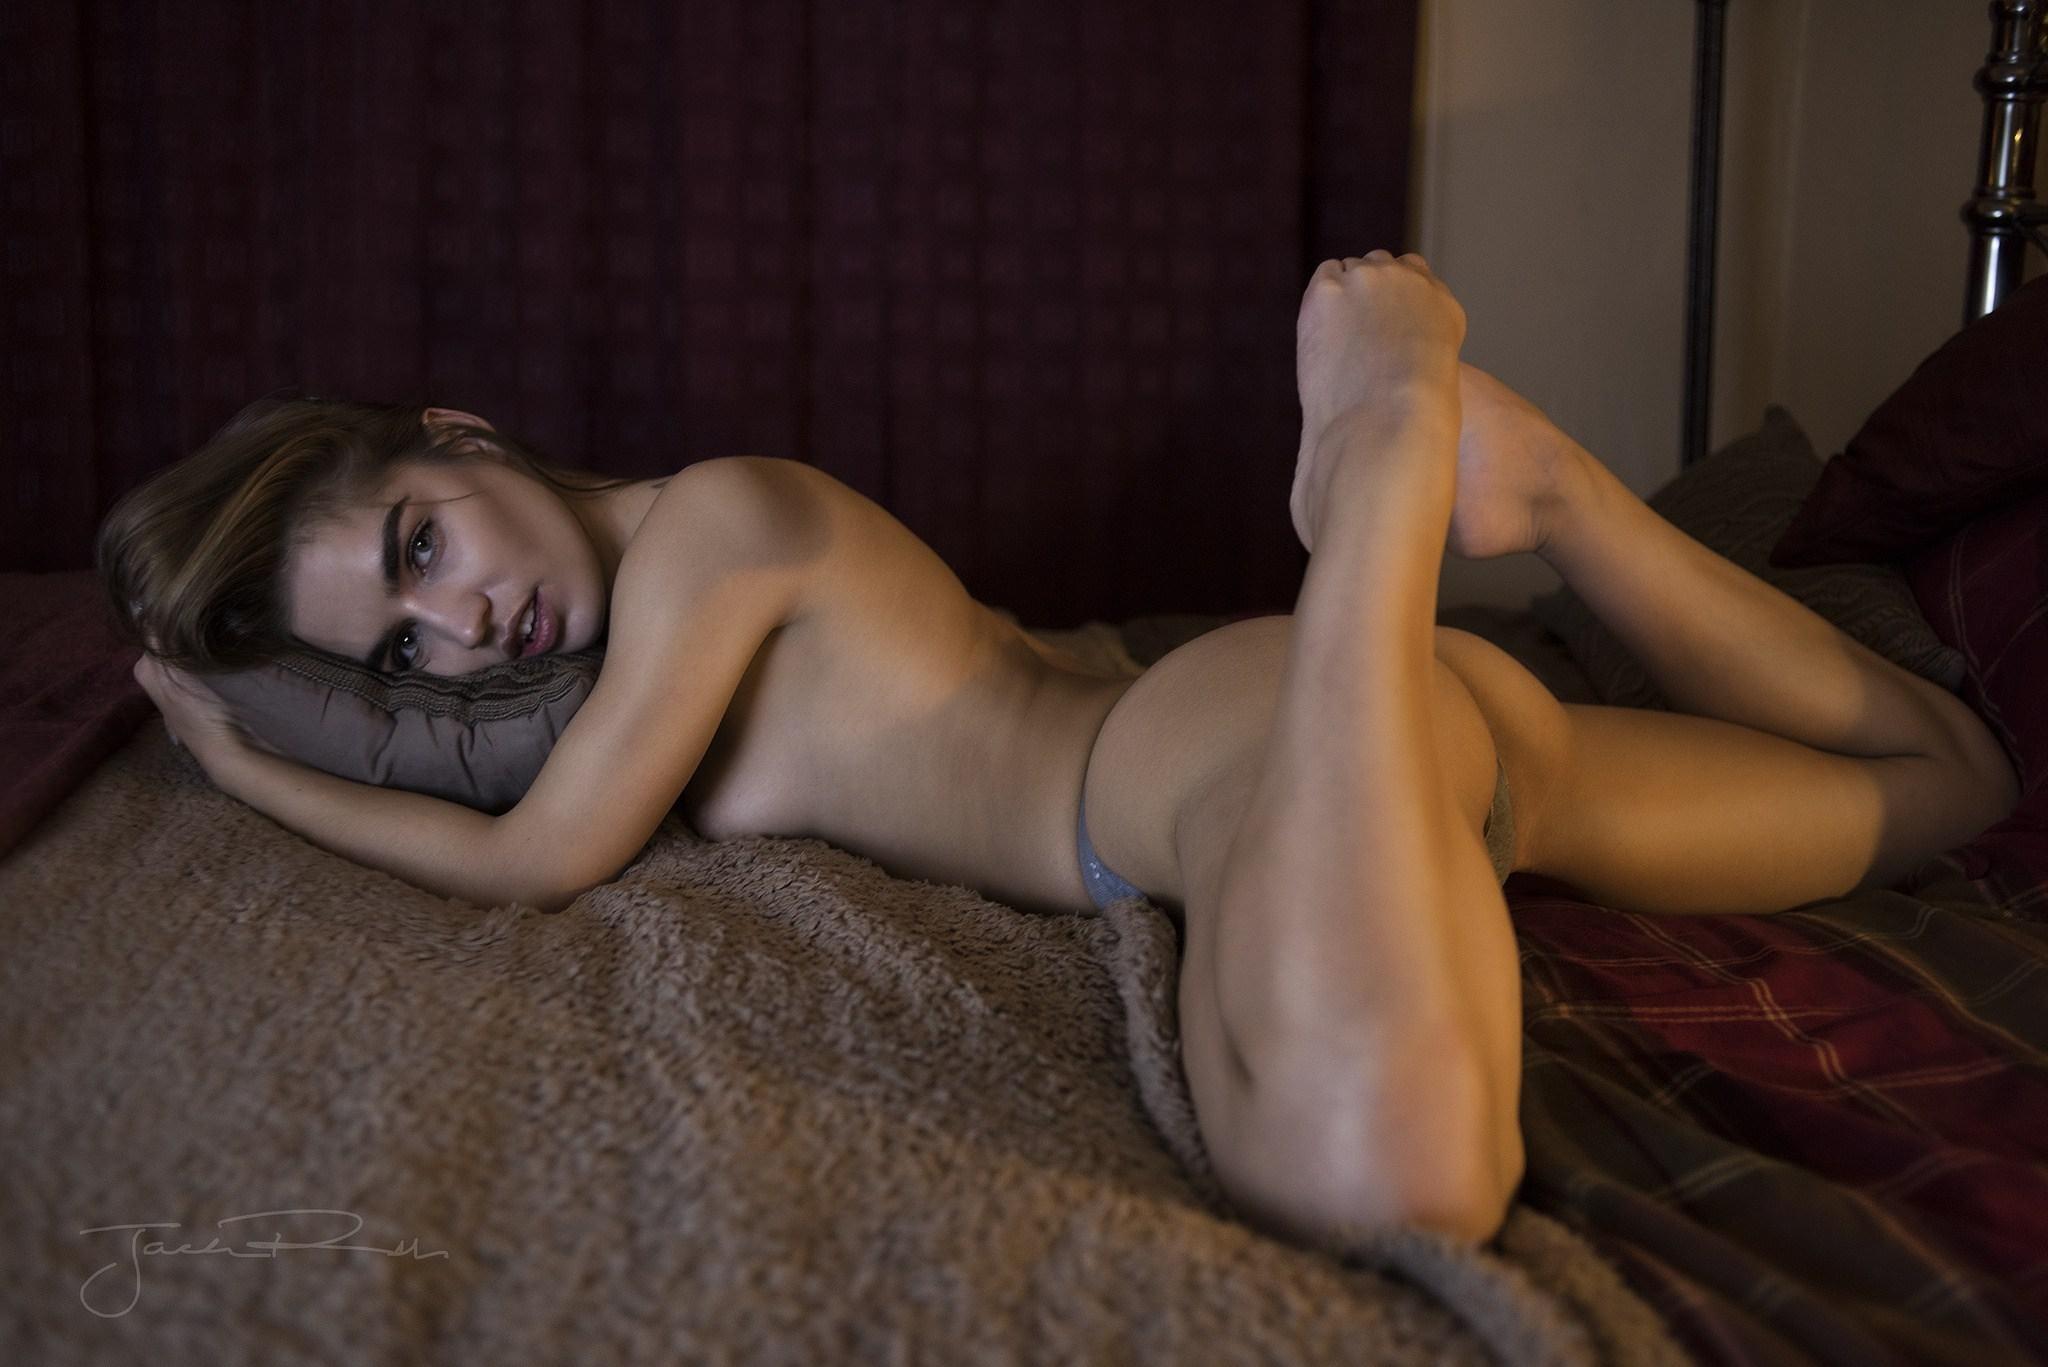 Фото Девушка в стрингах на кровати, сексуальное тело, бедра, ляжки, скачать картинку бесплатно